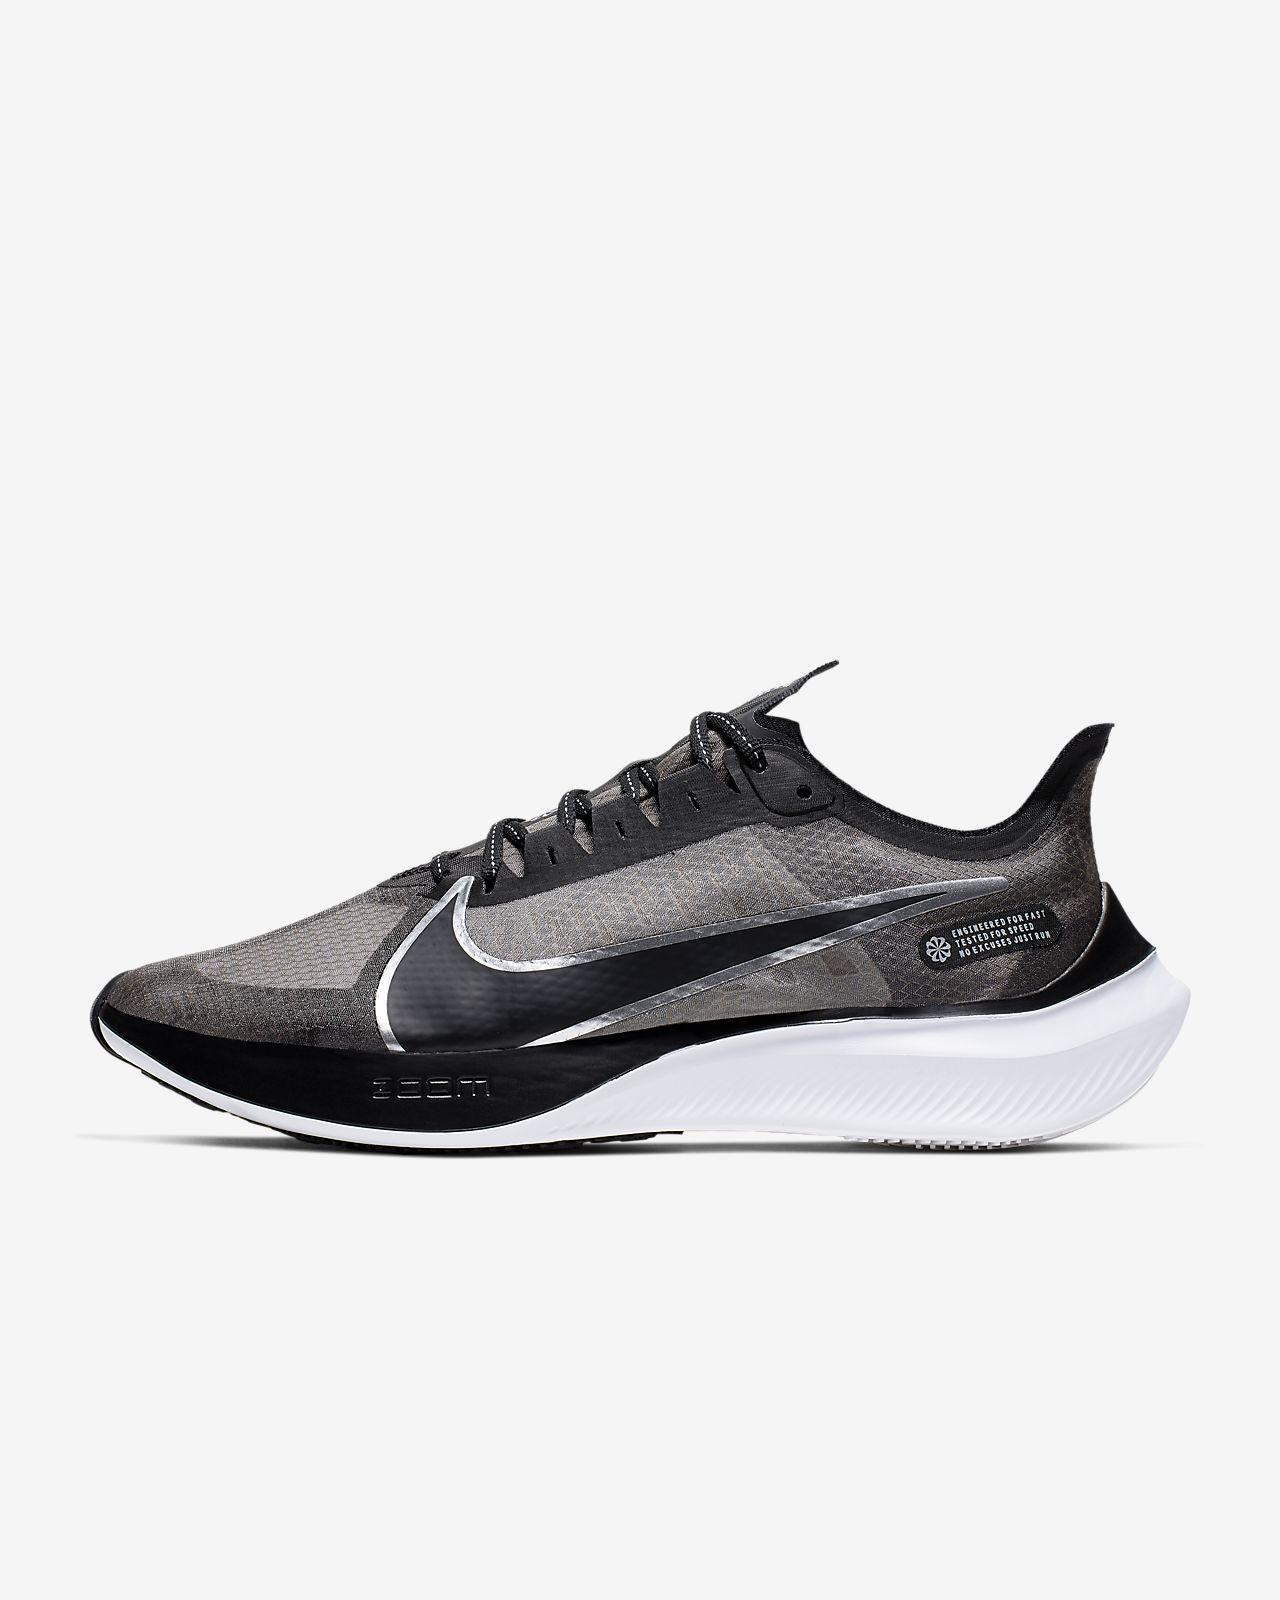 Nike Zoom Gravity Zapatillas de running Hombre